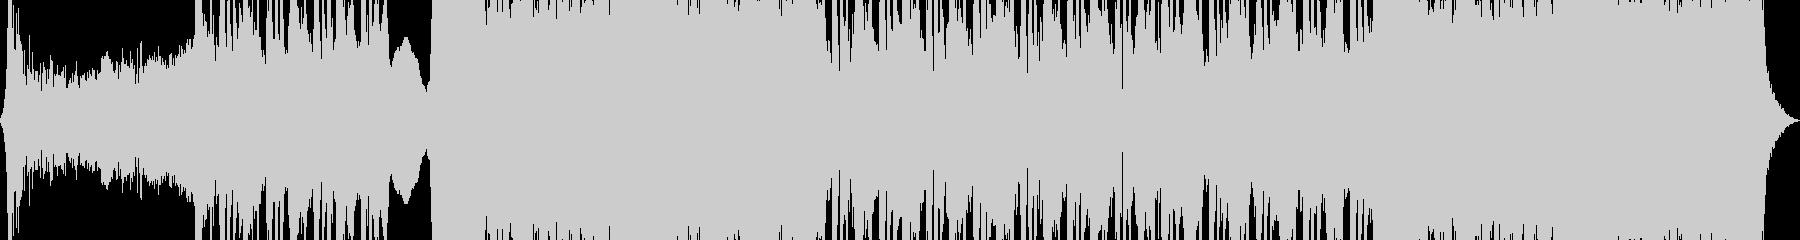 フレッシュで力強いロックの未再生の波形